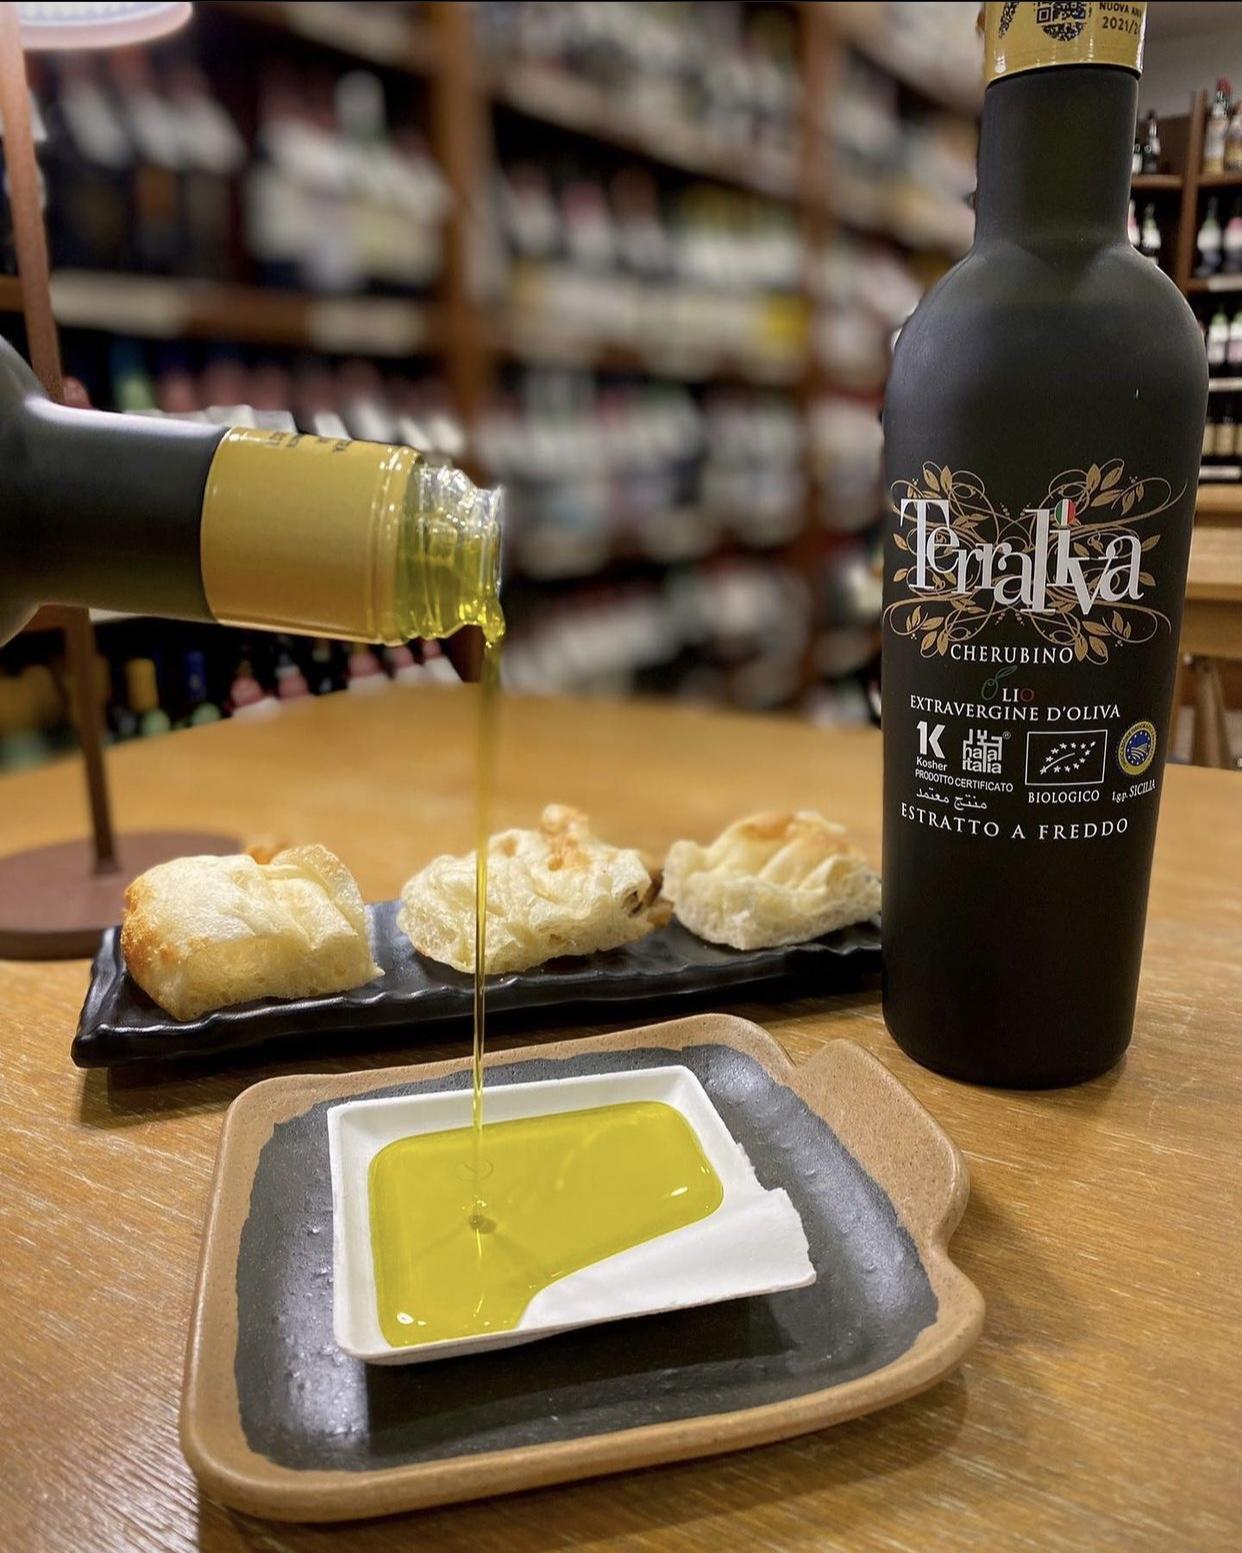 テッラリーヴァ- CHERUBINO-500ml<br>★権威あるコンテストで数々の賞を受賞!<br>★酸度も低く強いフルーティー<br>プロ絶賛のオイル!有機栽培の証明付き